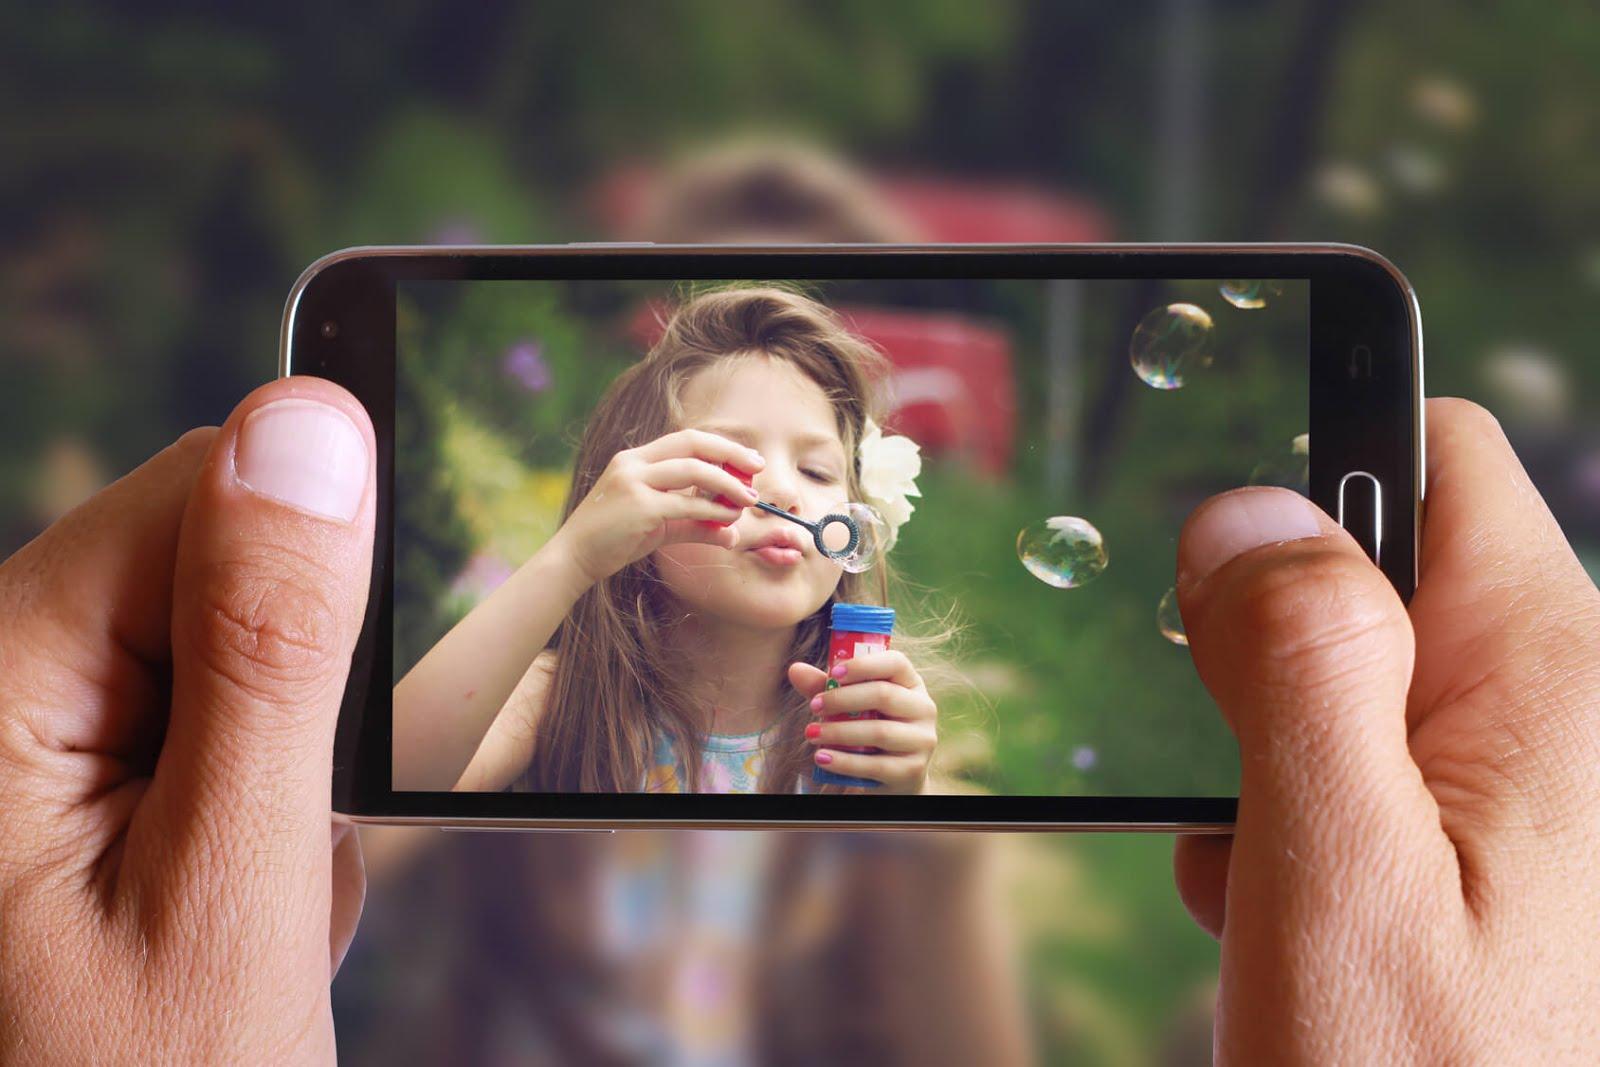 файлоохотники фото видео с телефонов перестает